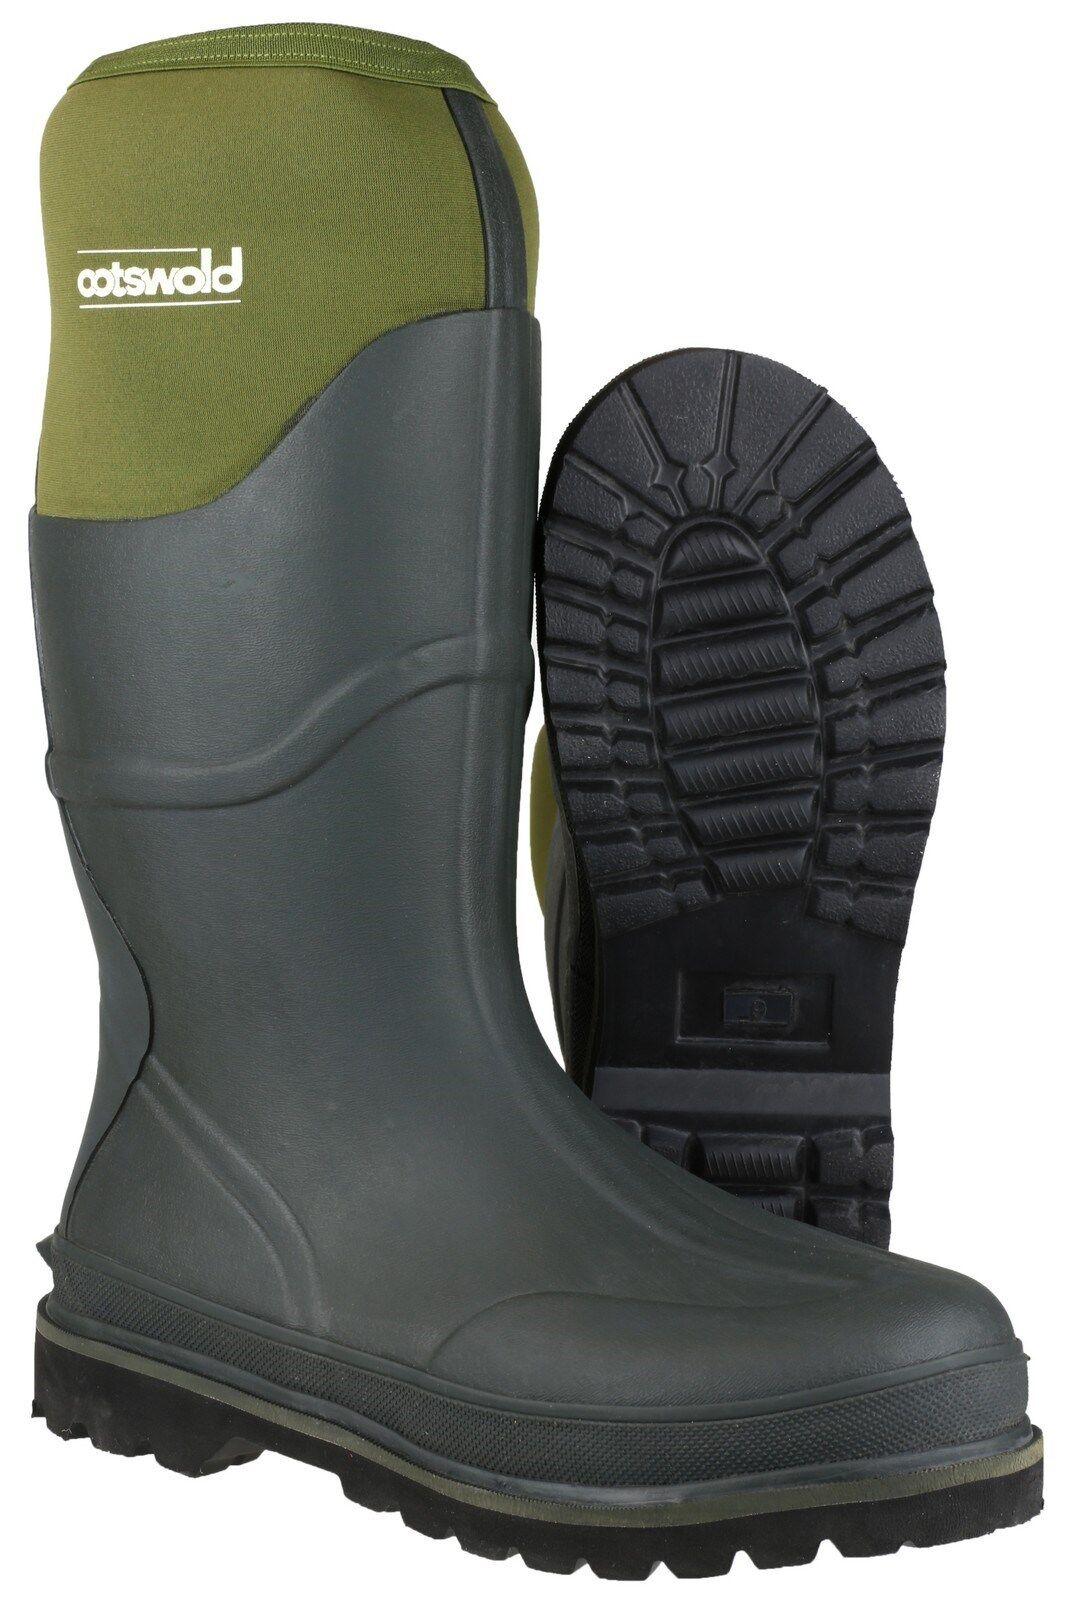 Cotswold Ranger Neoprene Boots Mens Green Waterproof Wellingtons Wellies UK6-14